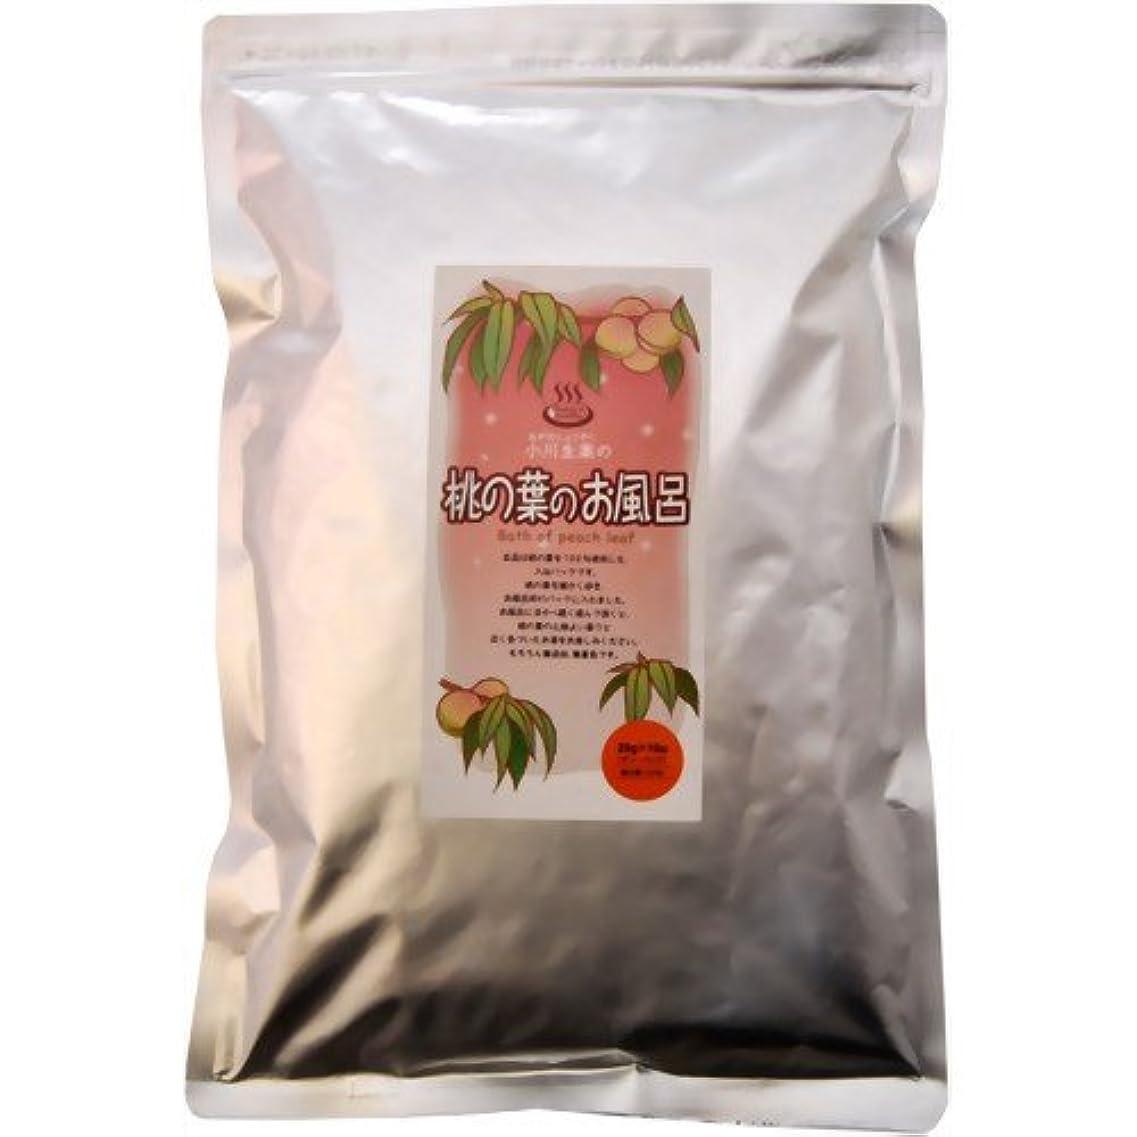 広告する天文学エラー小川生薬の桃の葉のお風呂 20g*10袋